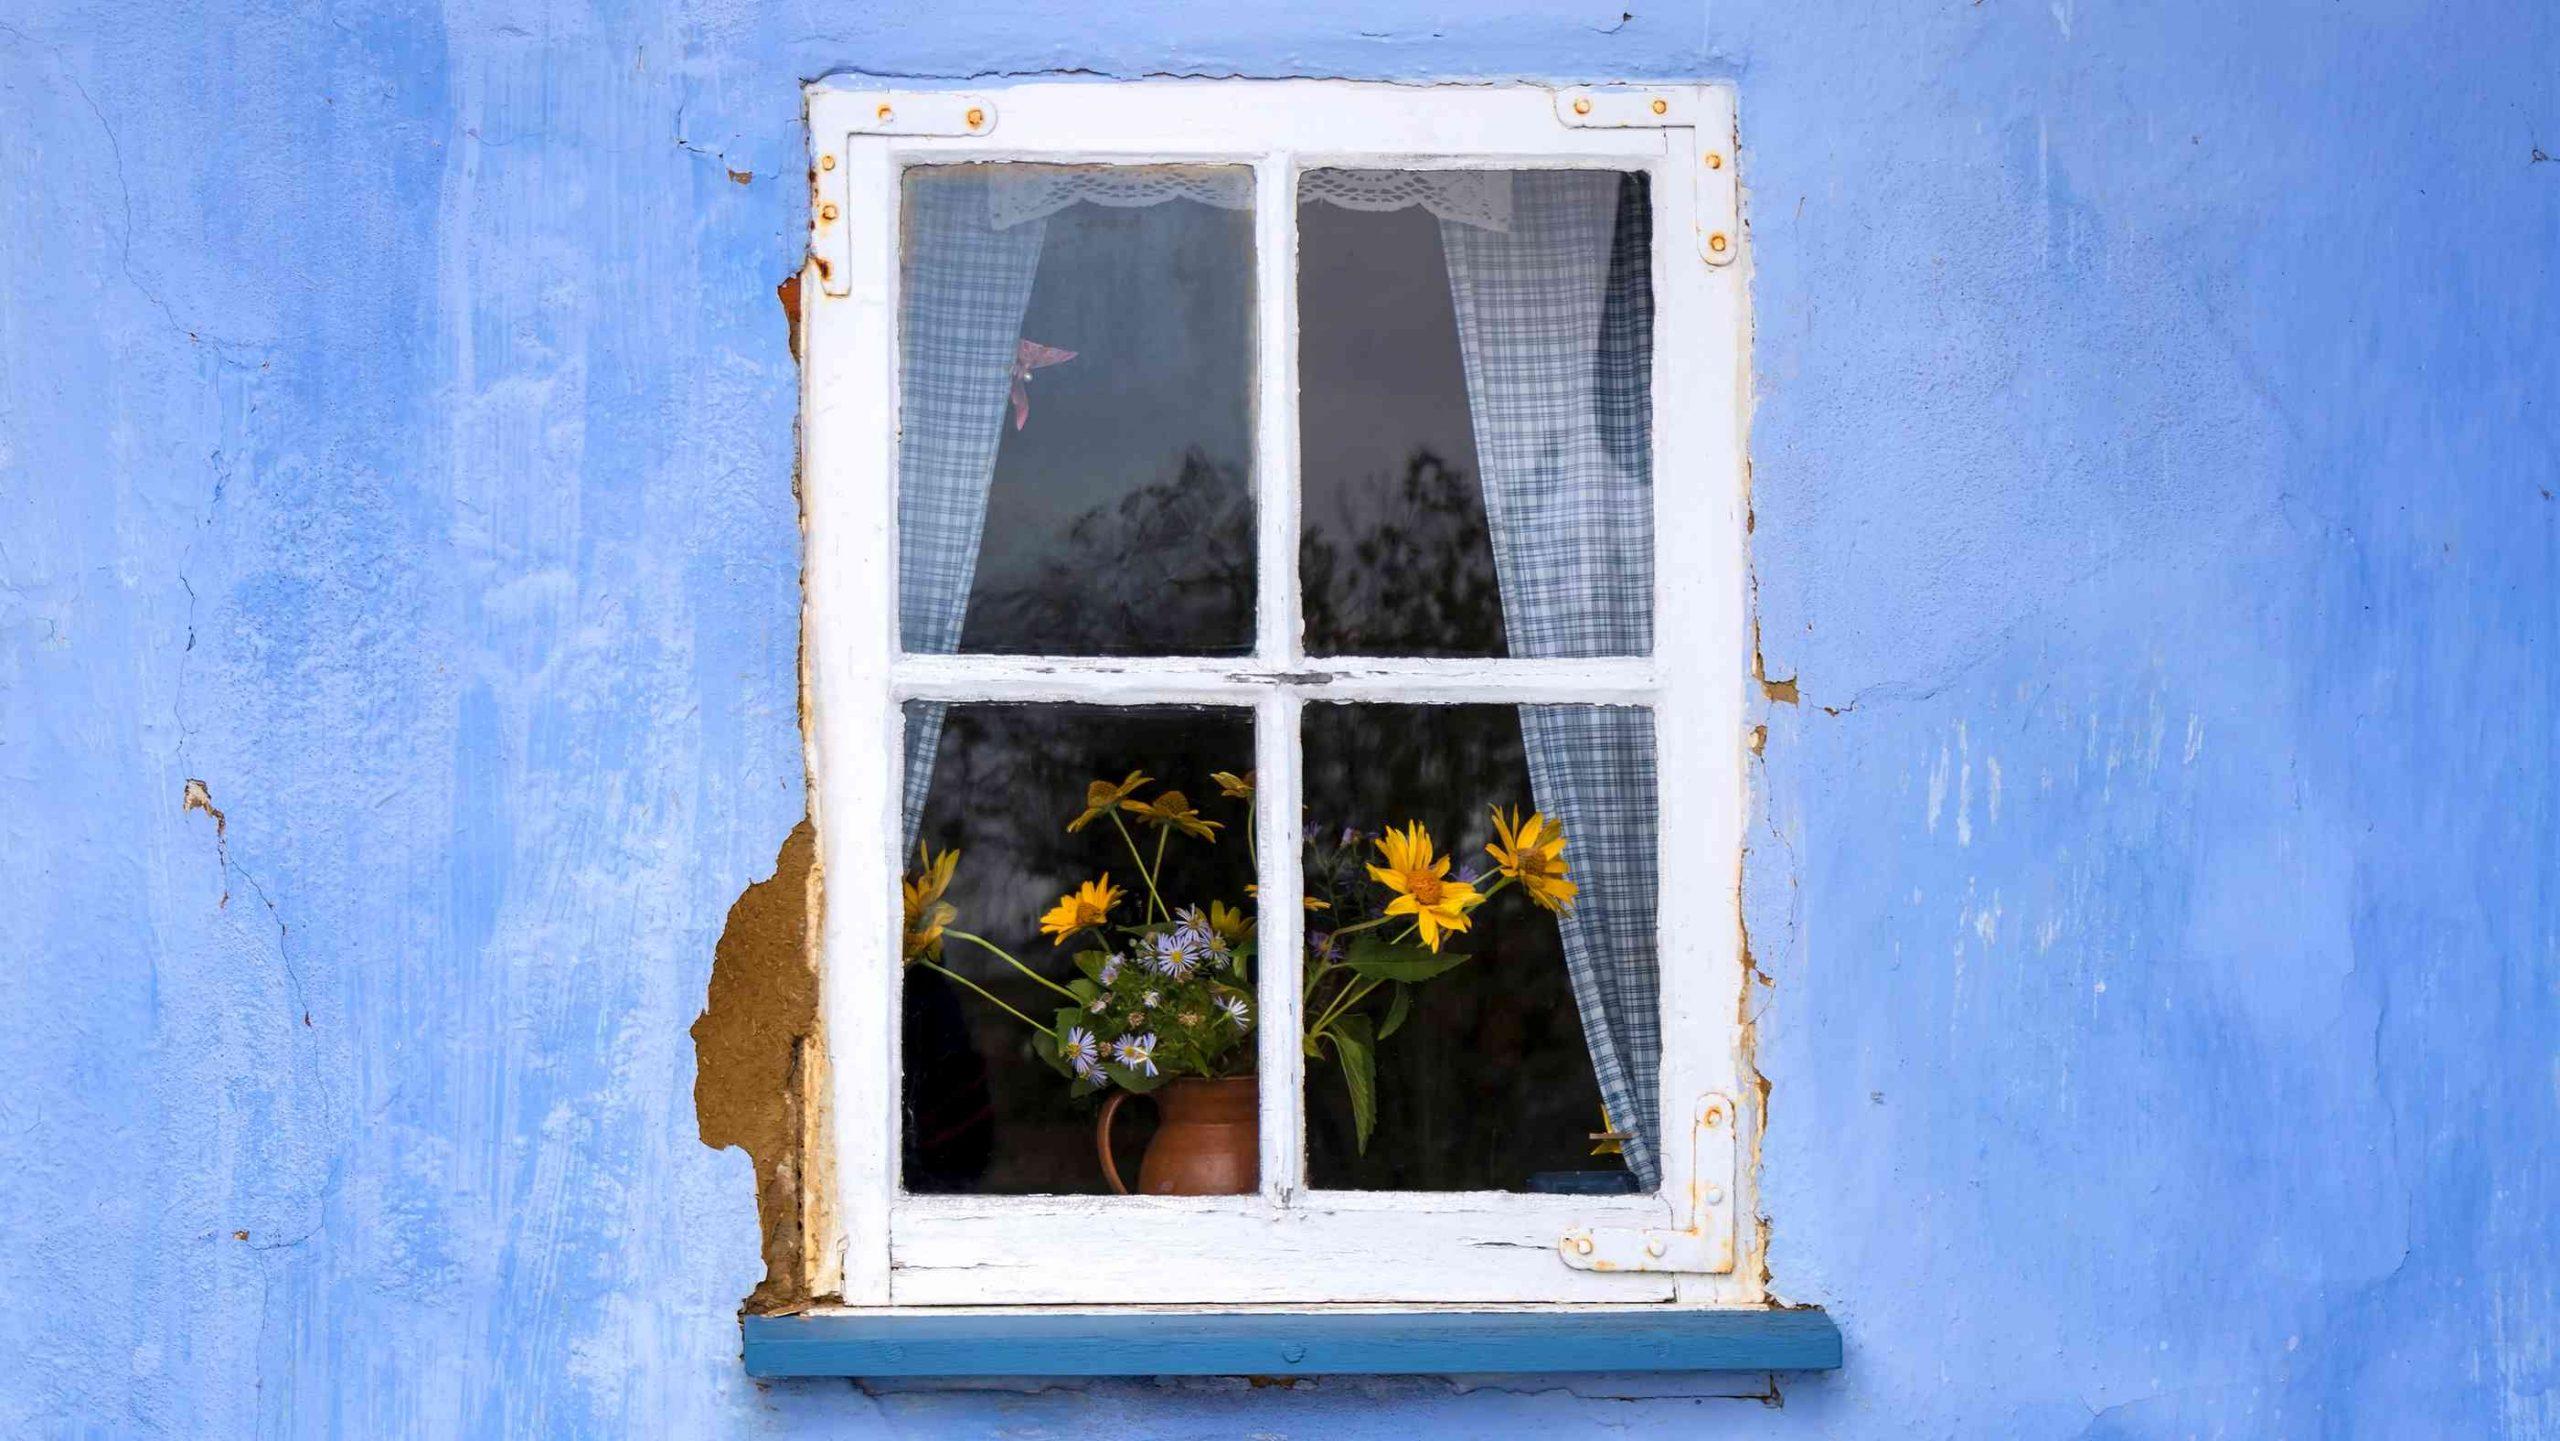 Full Size of Alte Fenster Sanieren Oder Lieber Ersetzen Mit Rolladenkasten Aron Obi Veka Hannover Günstig Kaufen Trier Fliegengitter Maßanfertigung Konfigurator Rc3 Auf Fenster Fenster Austauschen